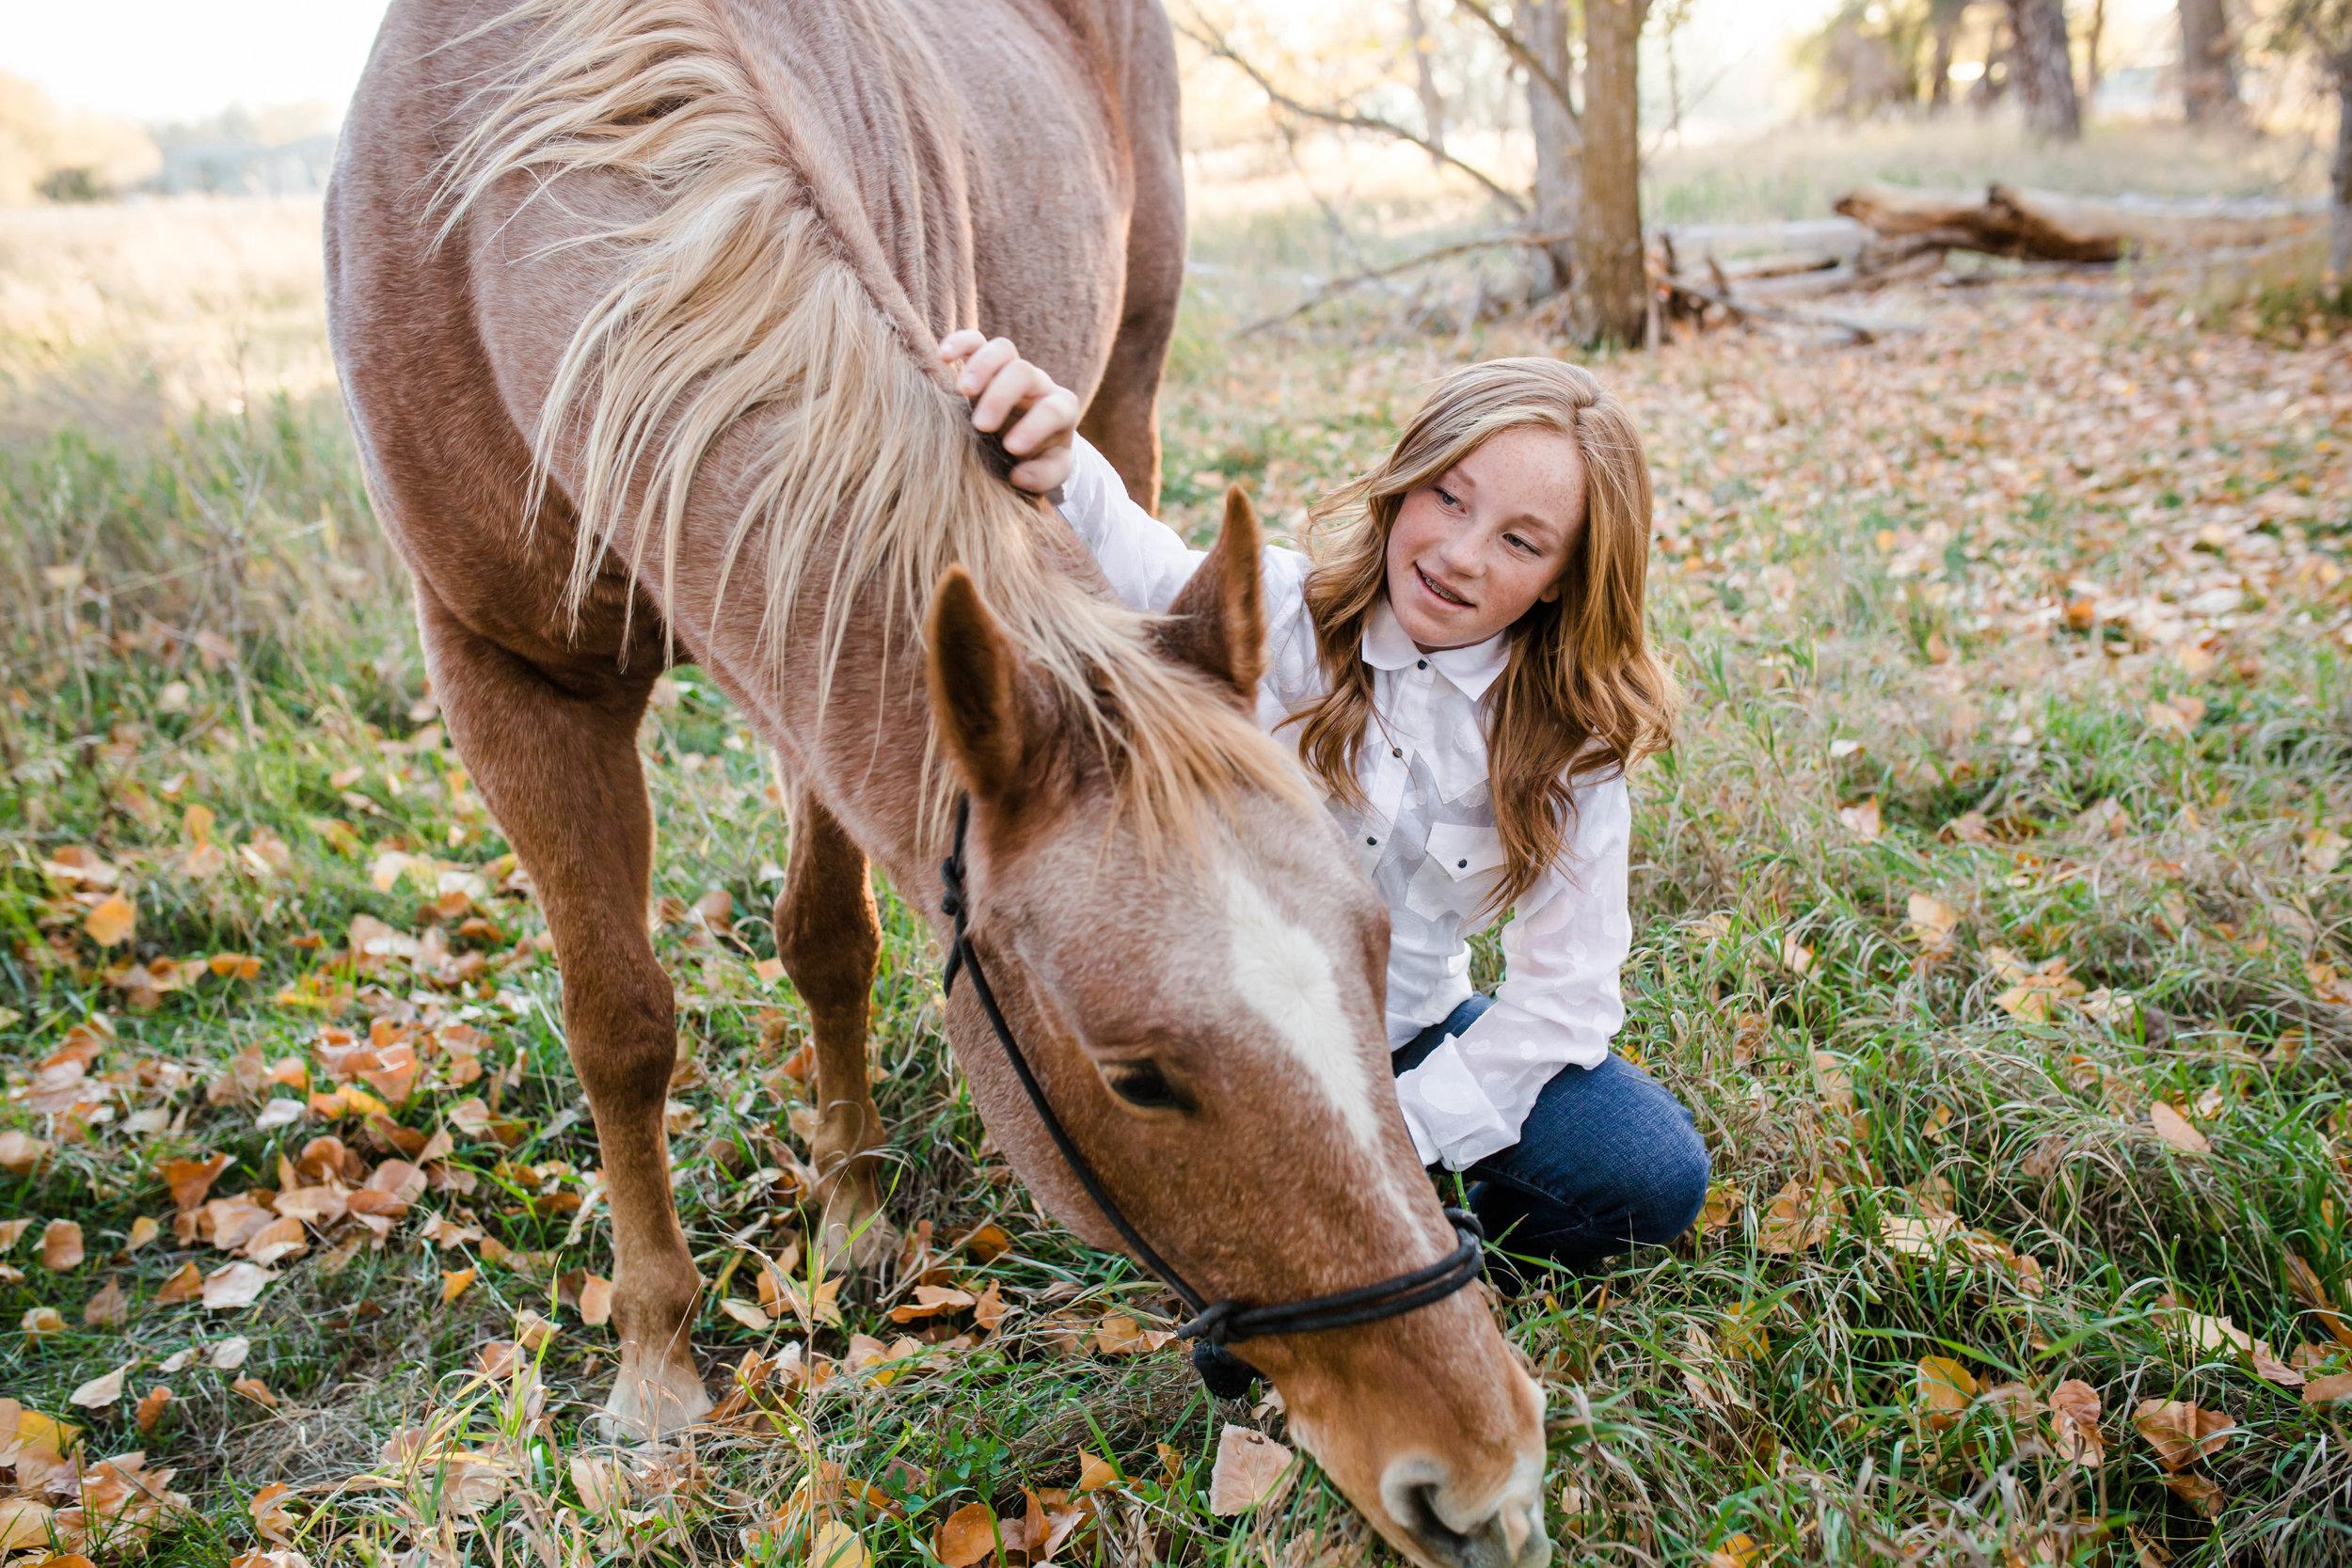 Logan Utah Senior Photographer Maycie Jensen-7120.jpg